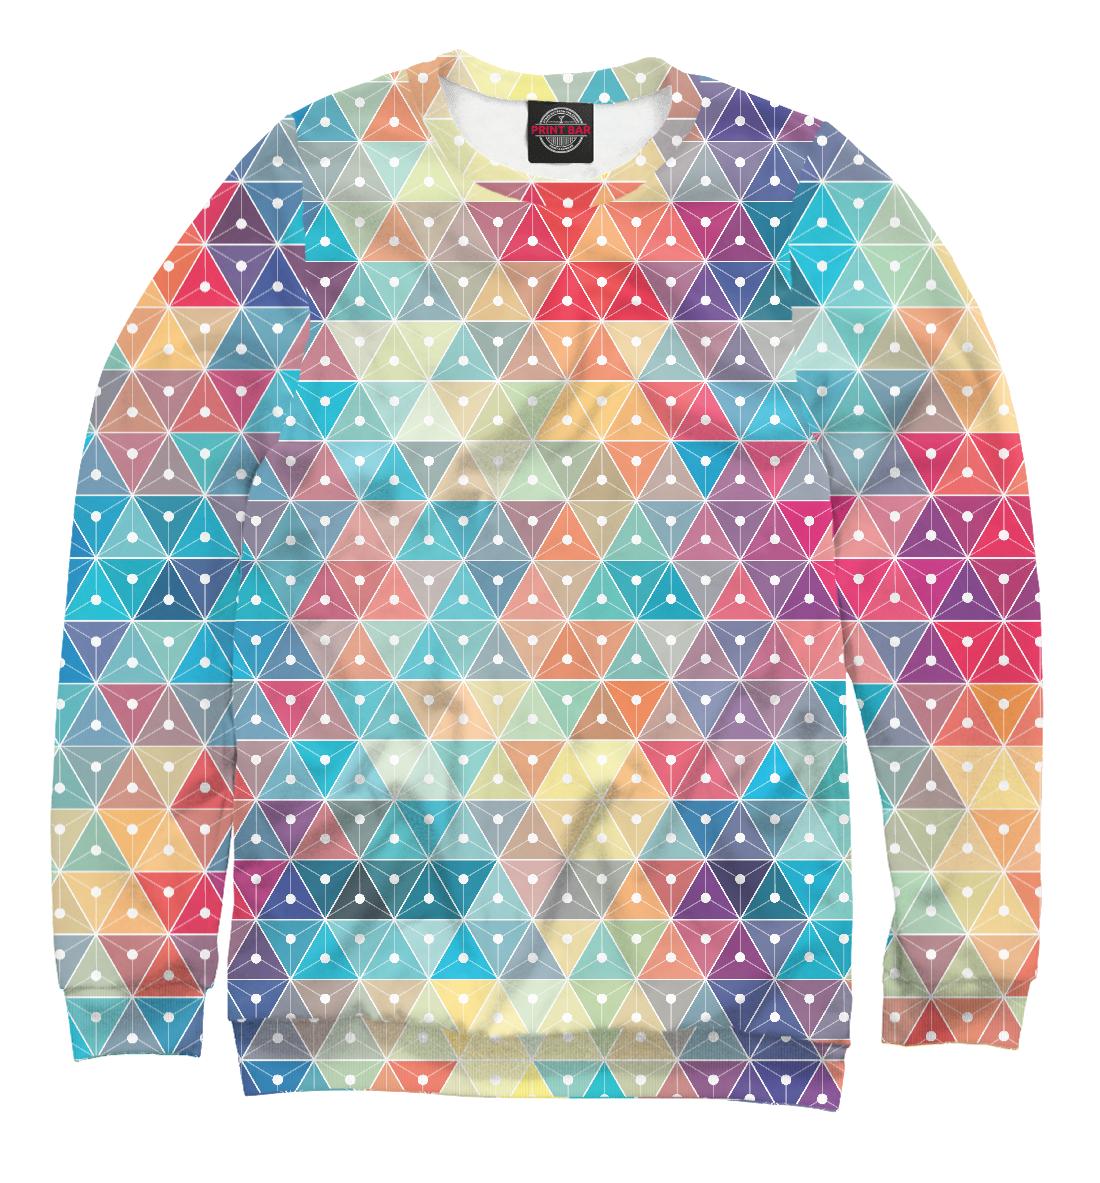 Купить Абстракция Треугольники, Printbar, Свитшоты, ABS-775591-swi-2